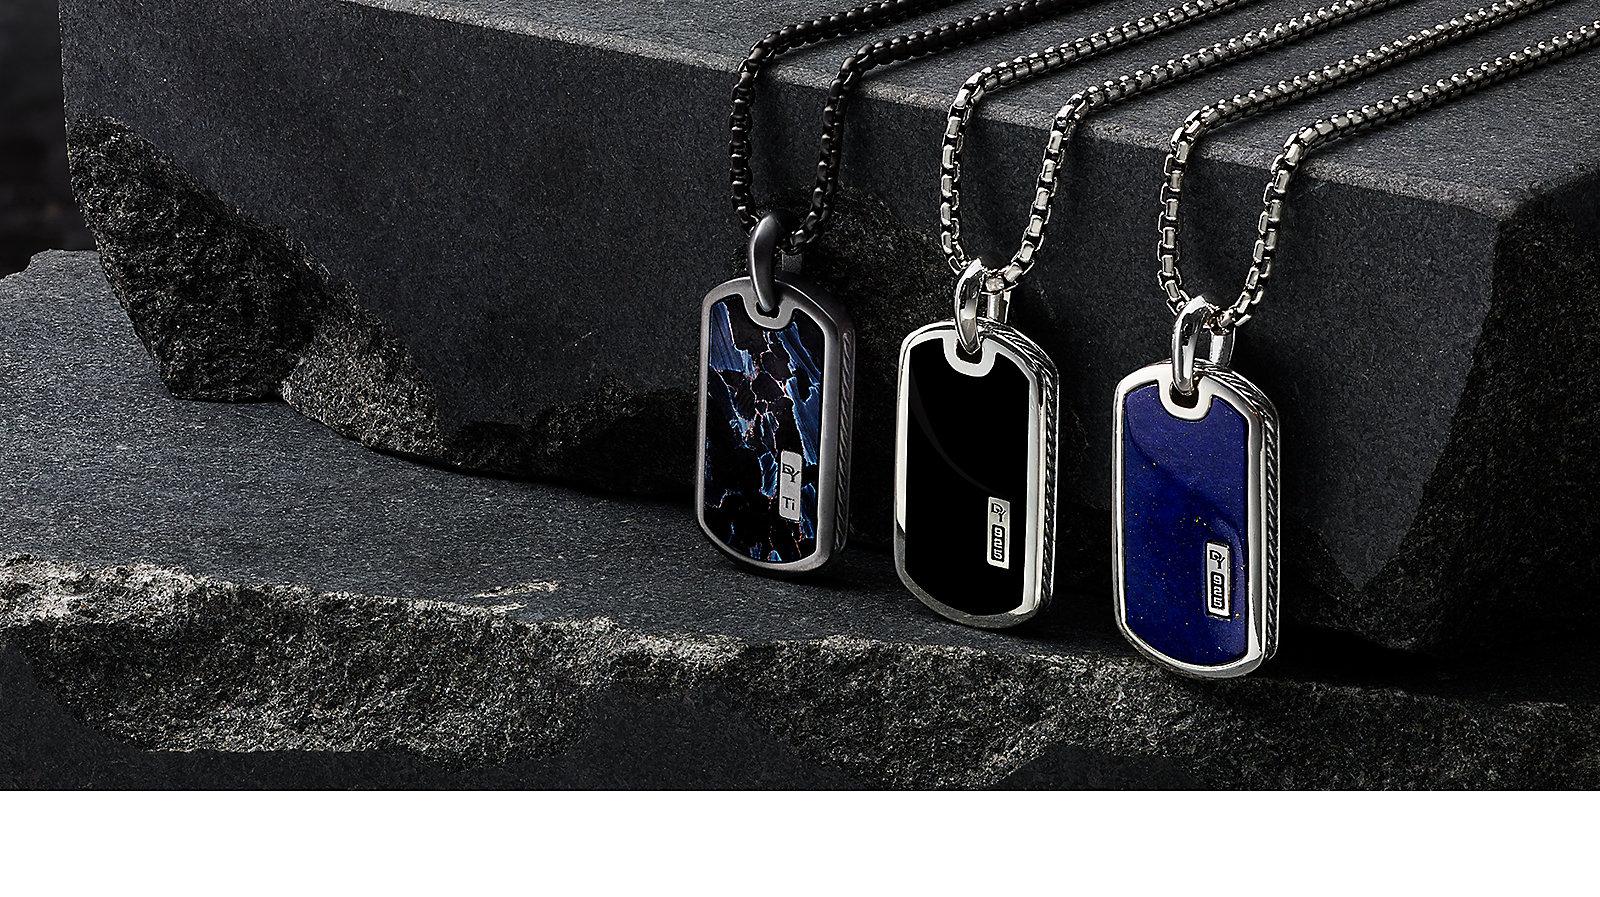 男士925纯银吊牌镶异域奇石、黑玛瑙和天青石。